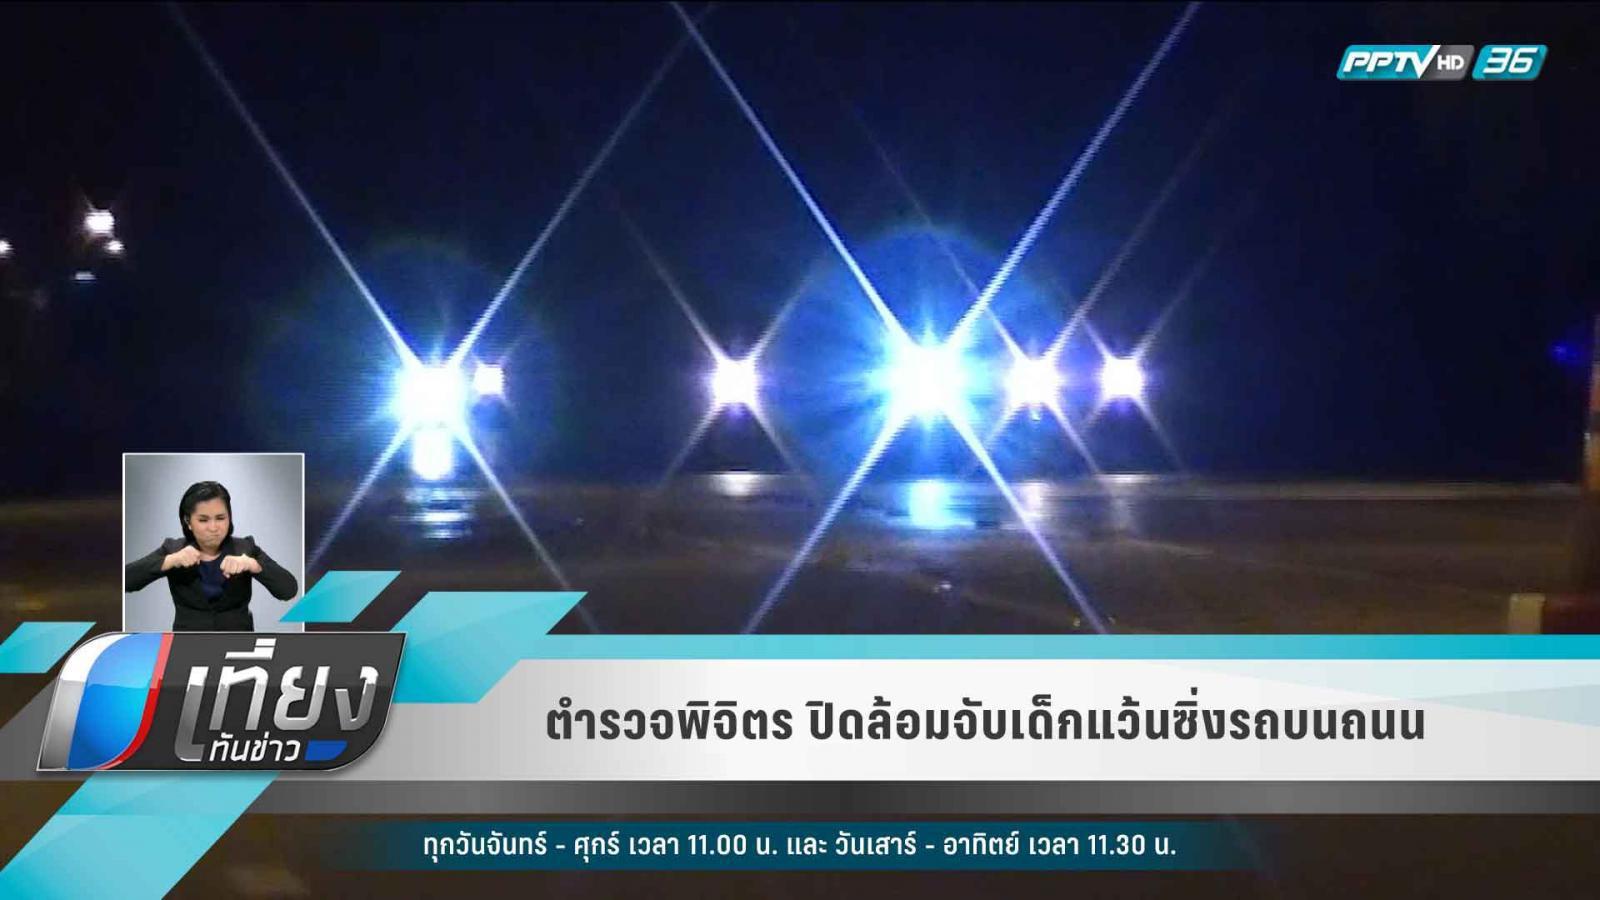 ตำรวจพิจิตร ปิดล้อมจับเด็กแว้นซิ่งรถบนถนน